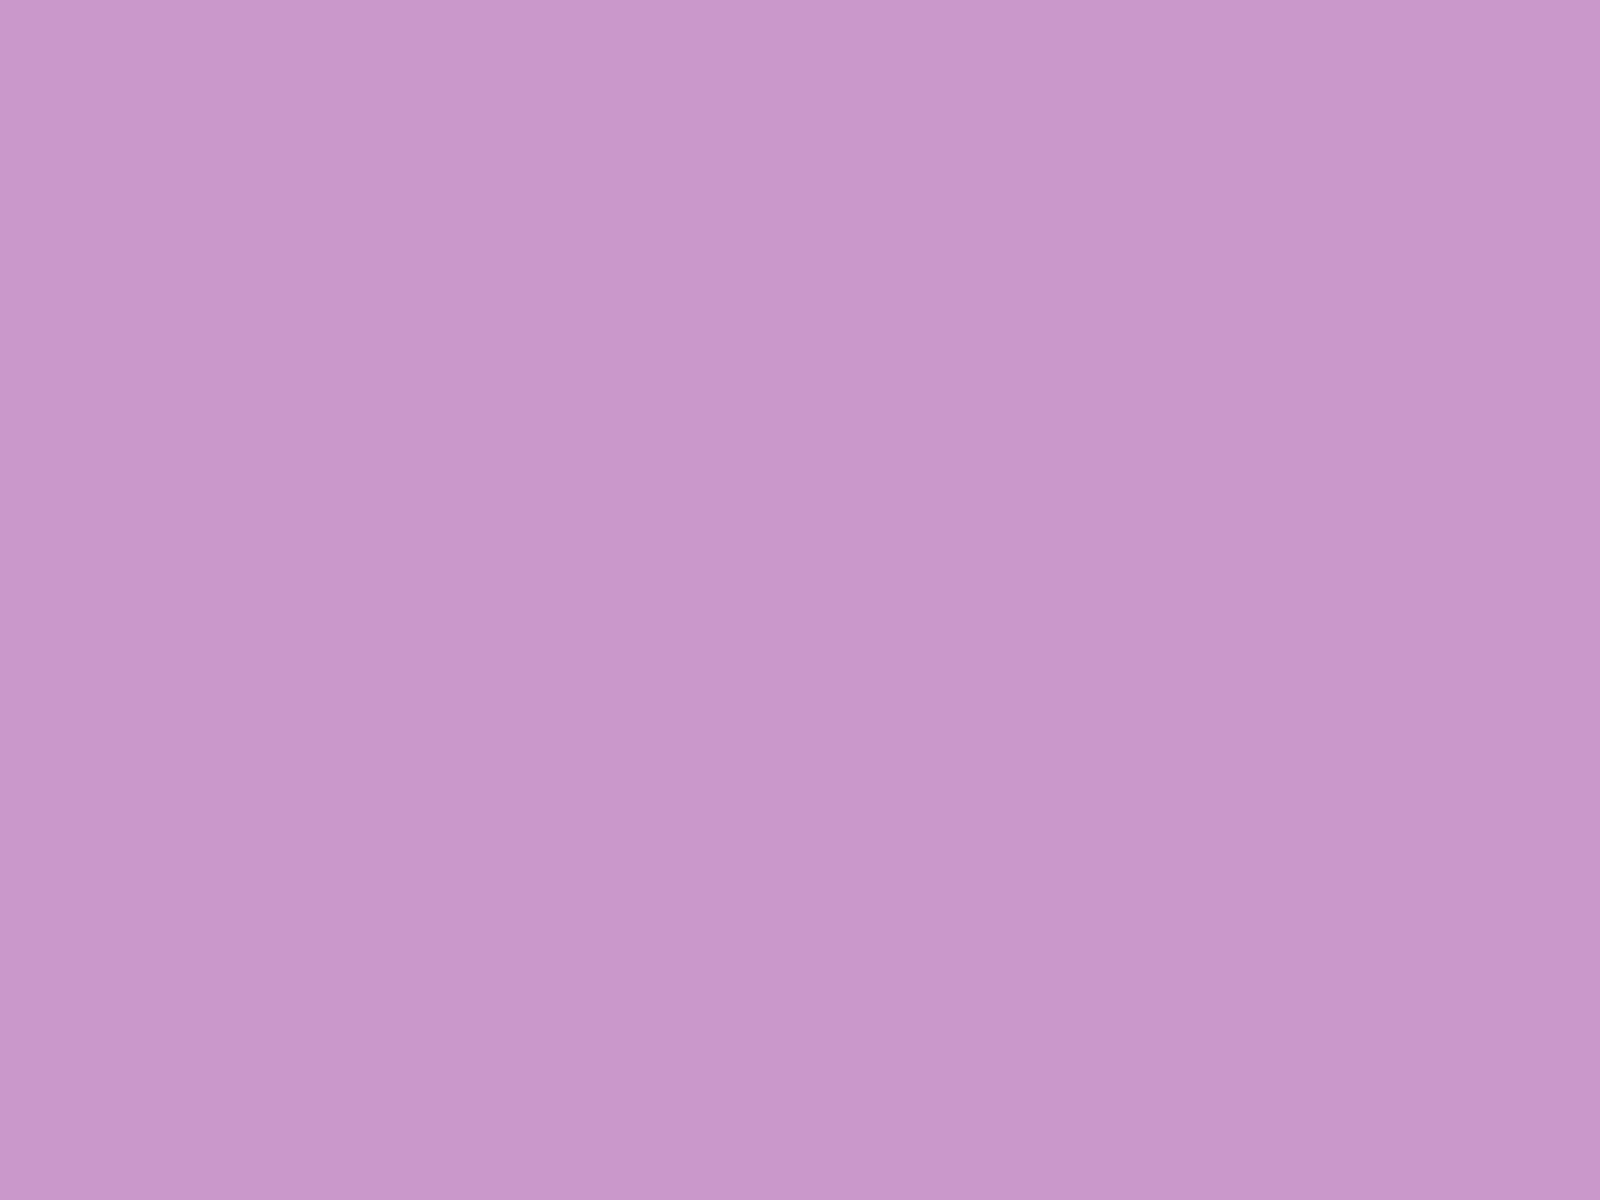 1600x1200 Pastel Violet Solid Color Background